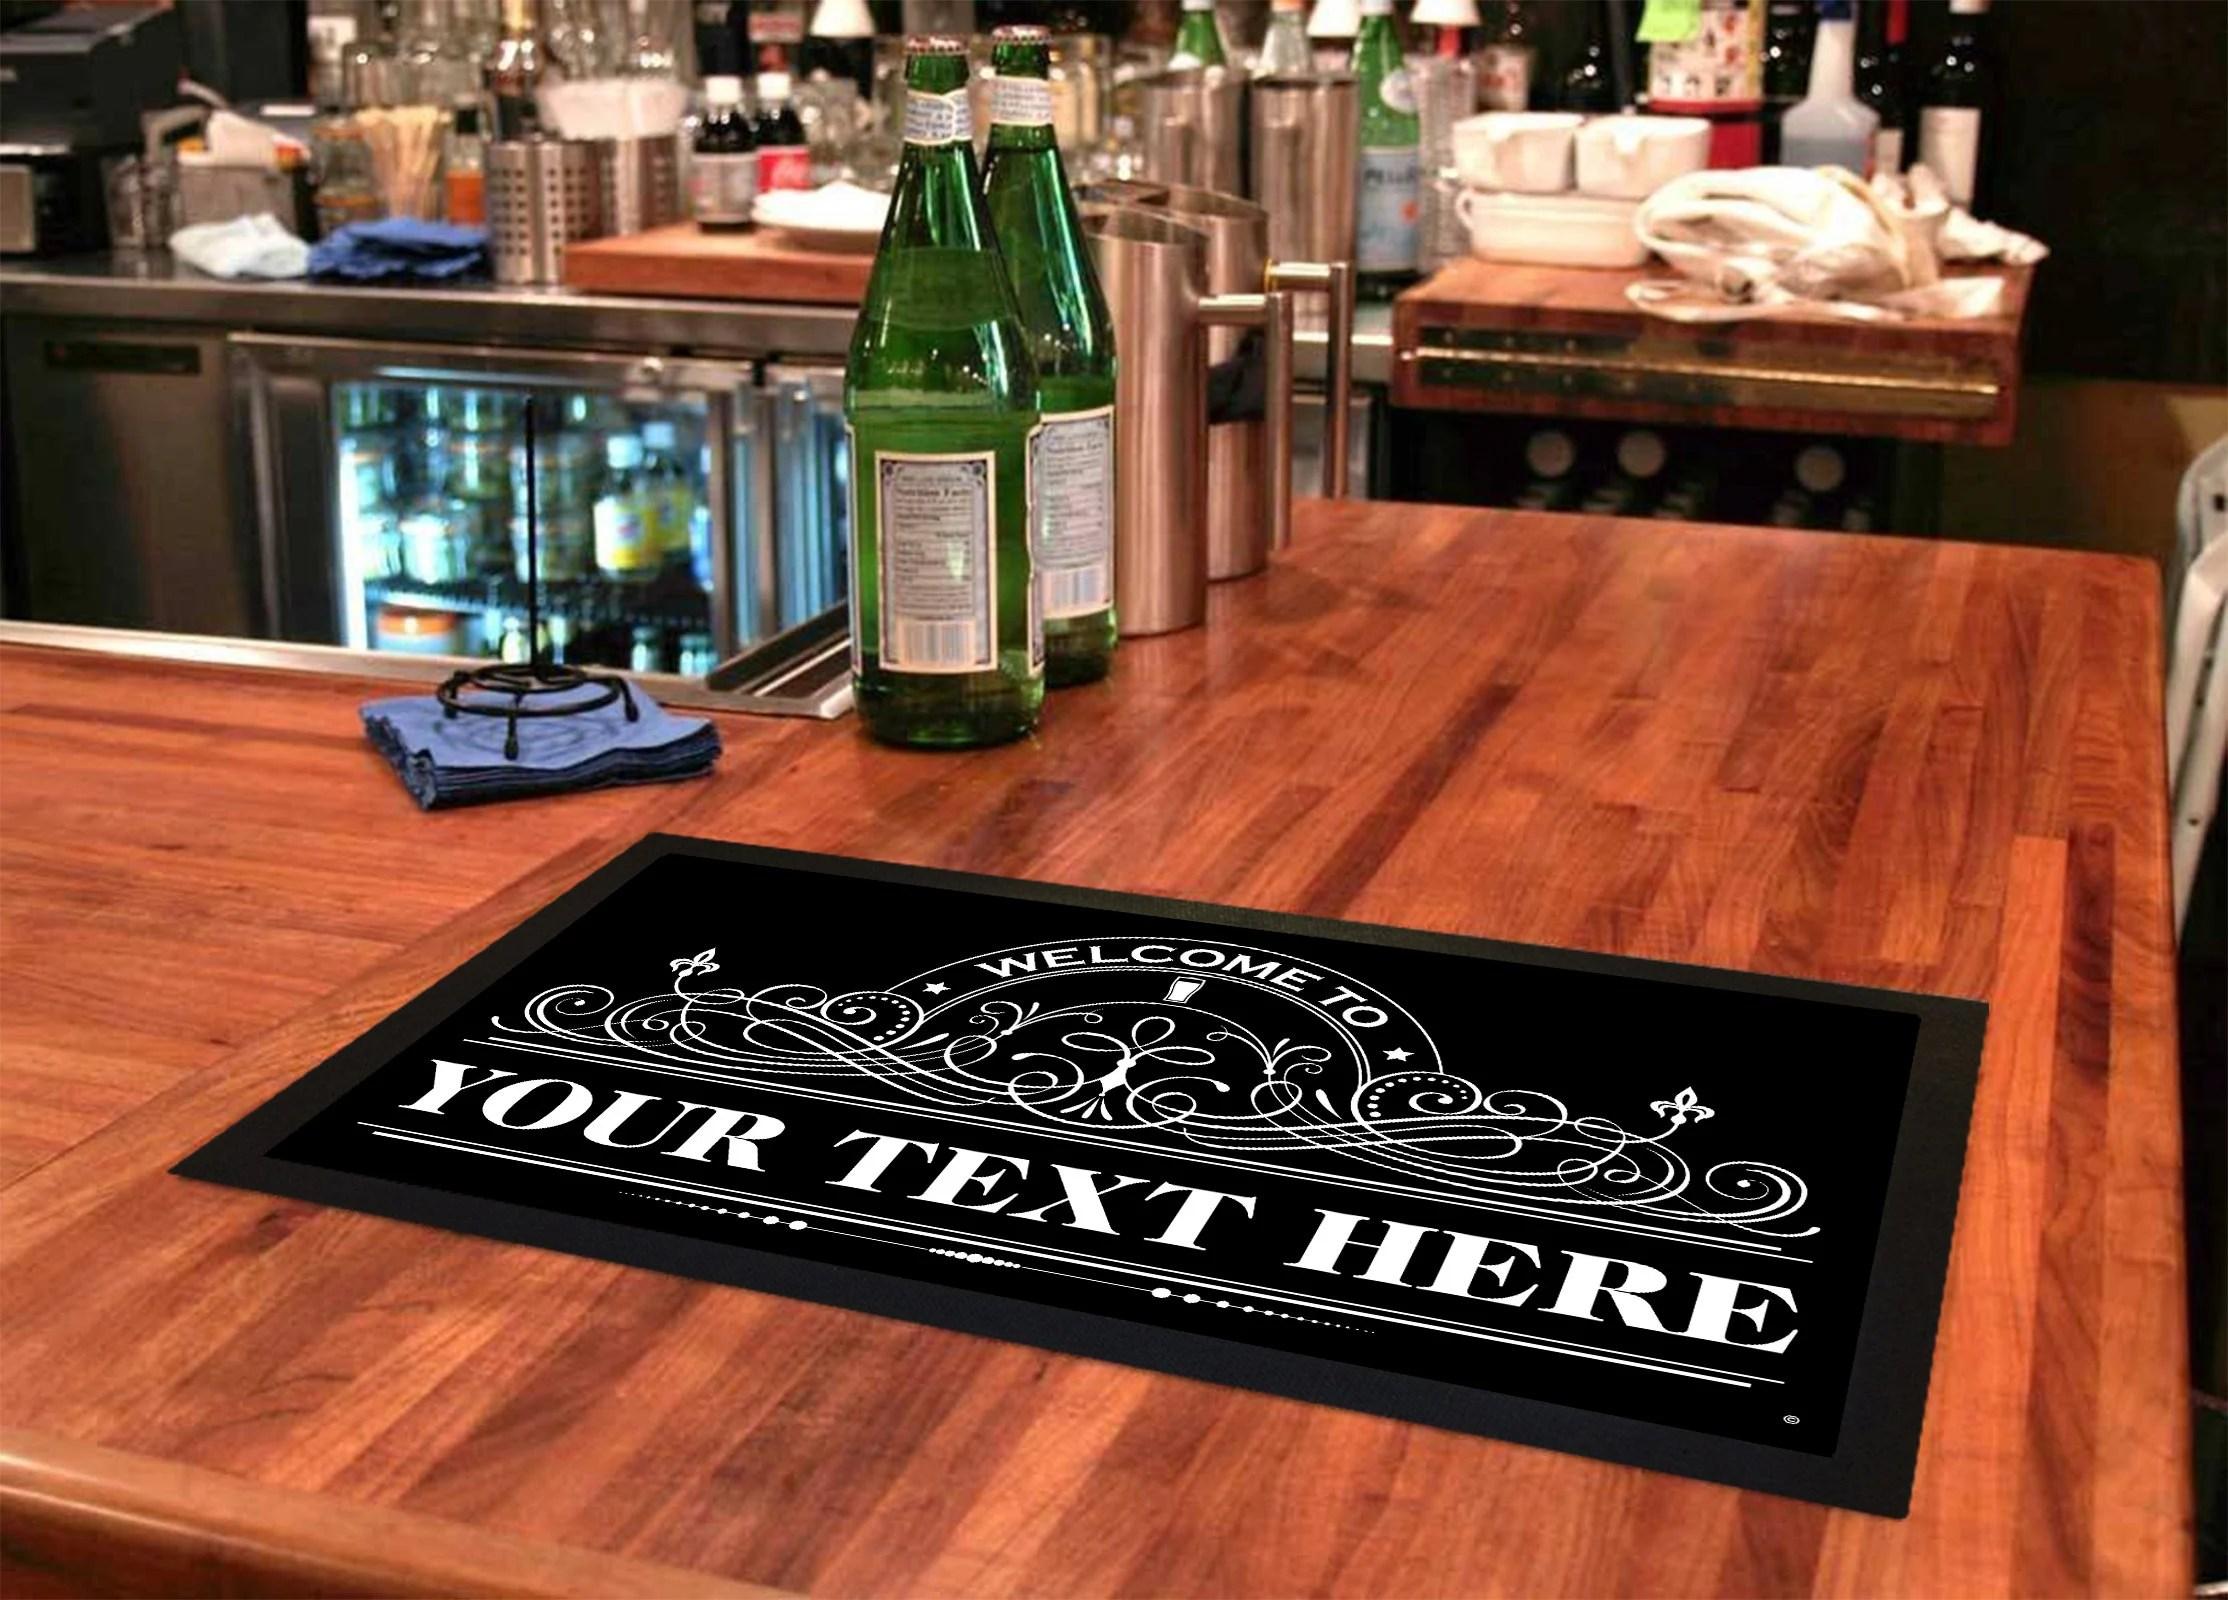 tapis personnalise de bar de biere cadeau personnalise de barre de cave d homme signe personnalise de barre cadeau d accessoires de bar pour des